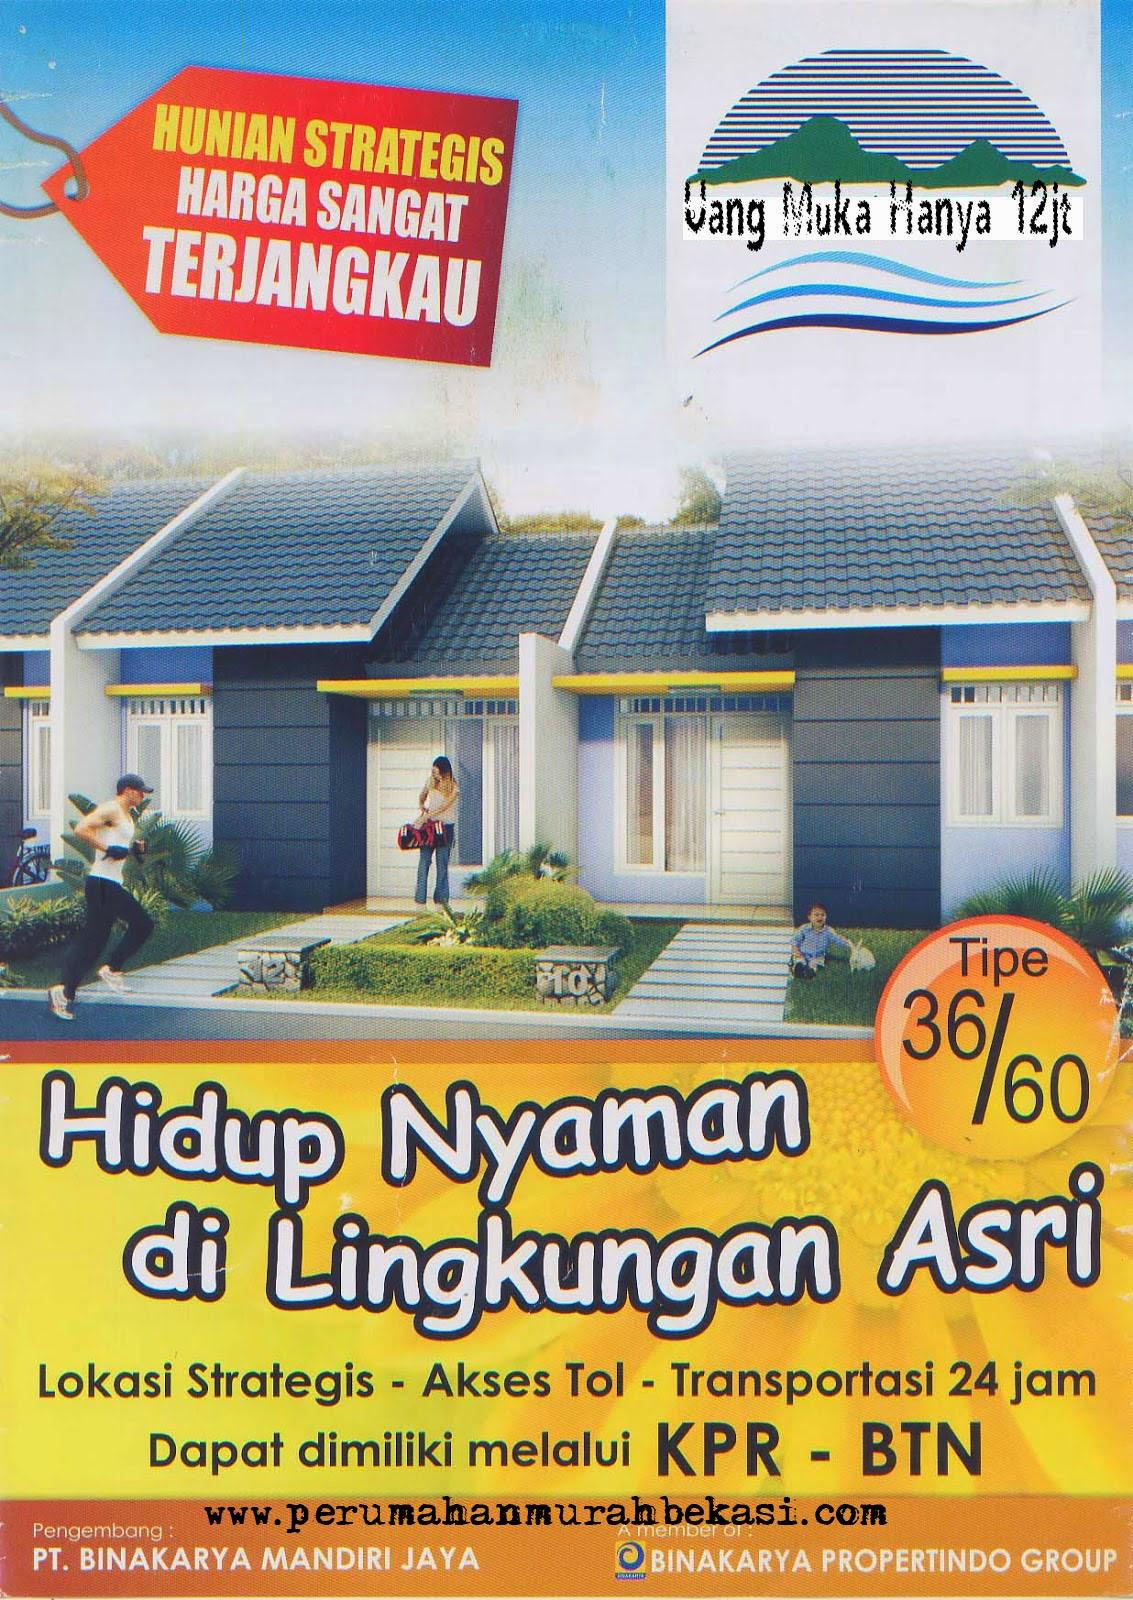 Rumah Subsidi Bekasi Uang Muka 12juta Dekat Kawasan MM 2100